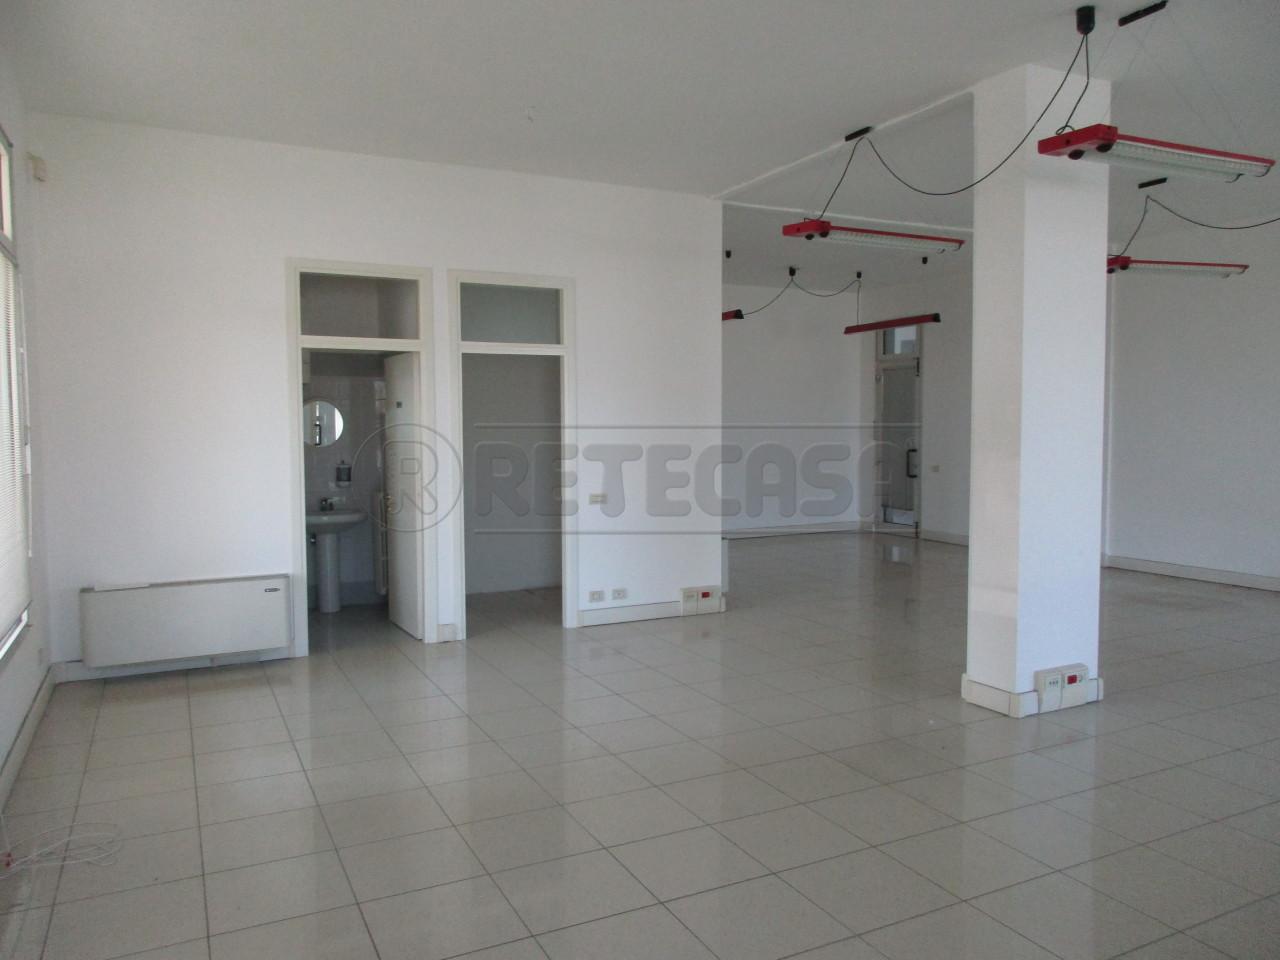 Negozio / Locale in vendita a Borgoricco, 9999 locali, prezzo € 115.000 | Cambio Casa.it